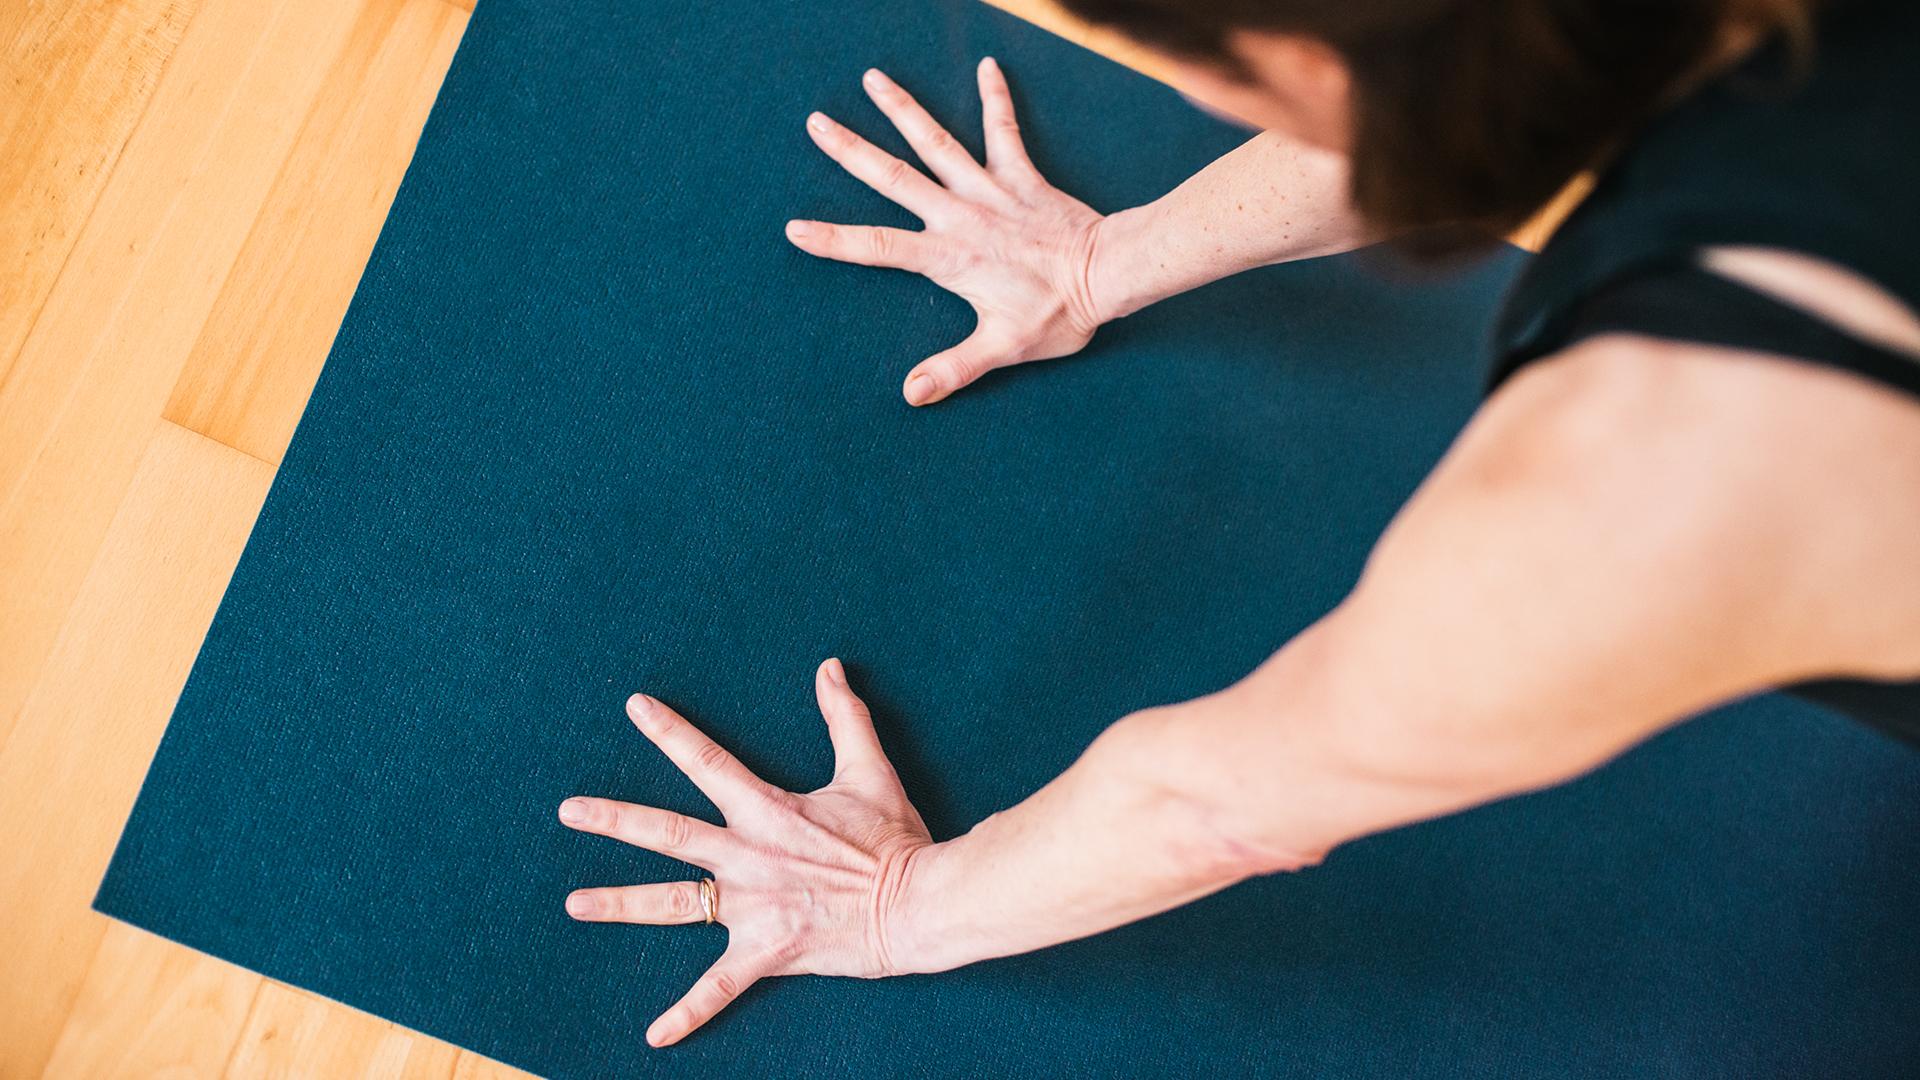 elizabeth-smullens-brass-downward-facing-dog-adho-mukha-svanasana-hands